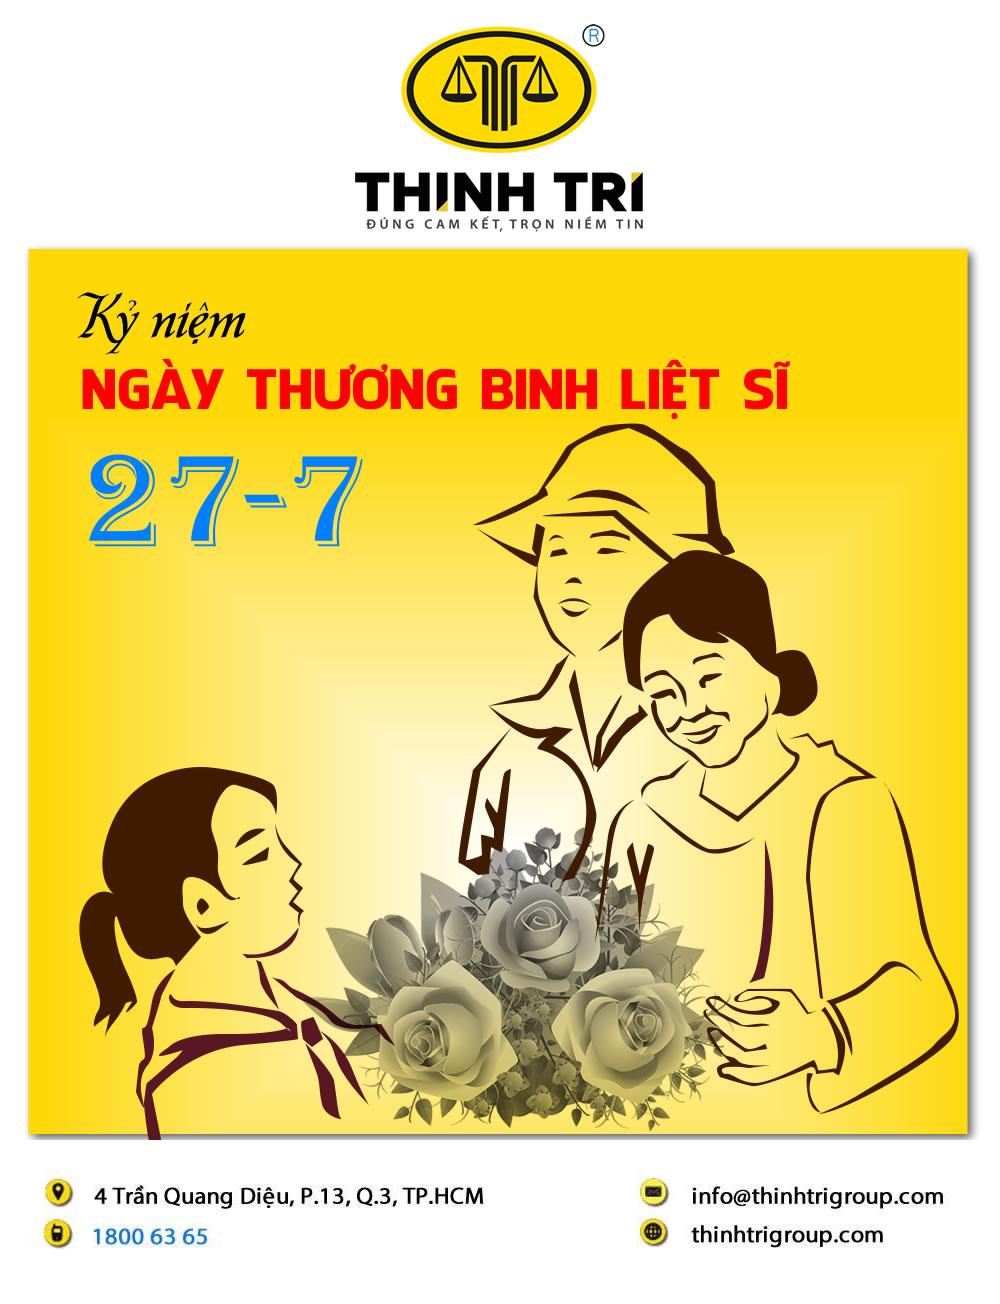 HỆ THỐNG LUẬT THỊNH TRÍ KỶ NIỆM NGÀY THƯƠNG BINH LIỆT SĨ 27/07/2021